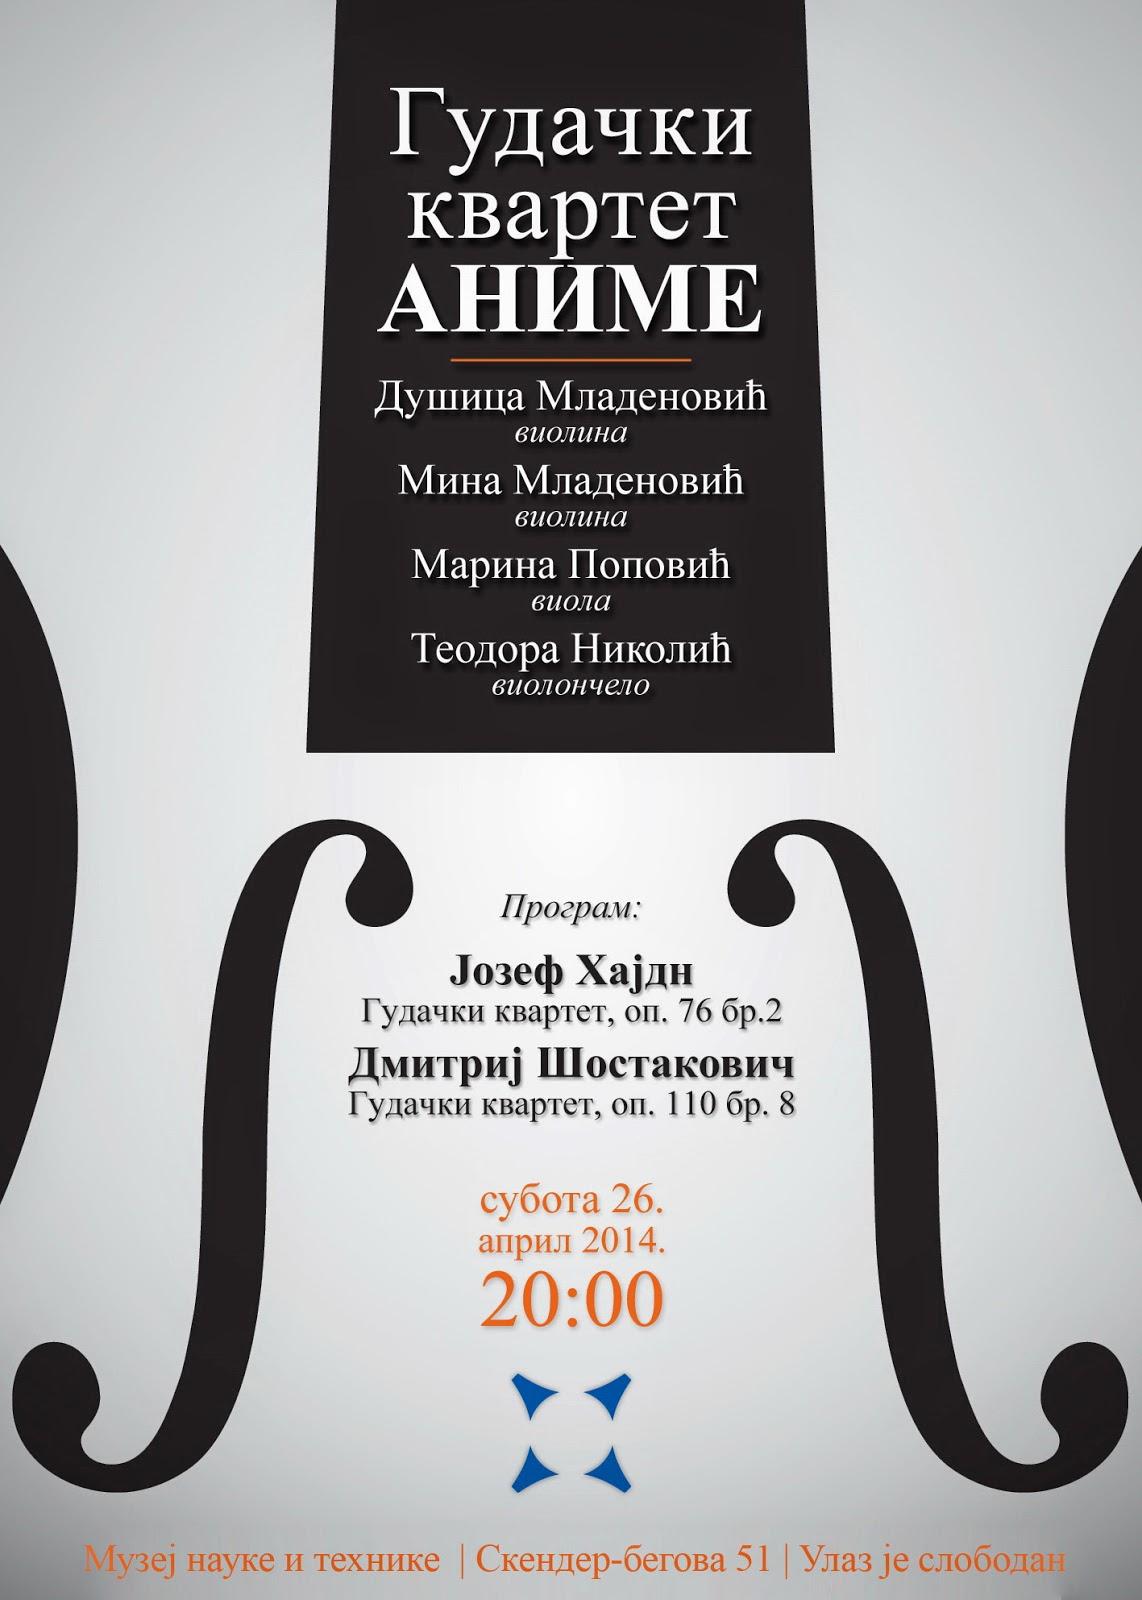 Koncert gudačkog kvarteta Anime u Muzeju nauke i tehnike